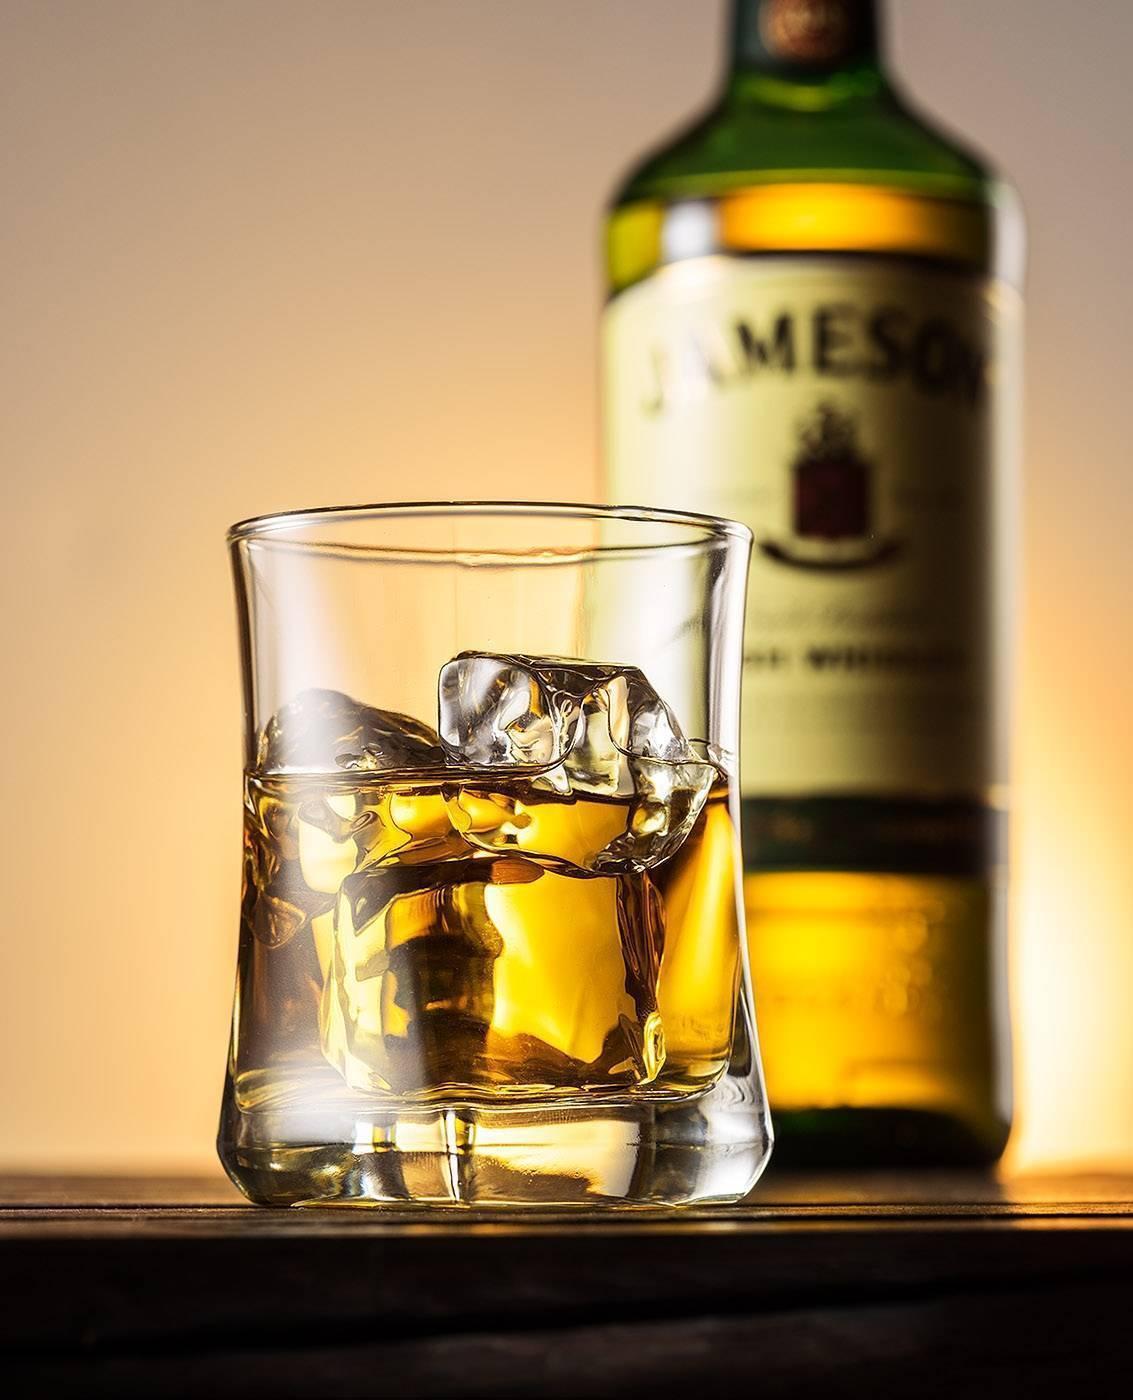 Преимущества и недостатки nas виски (без указания срока выдержки)